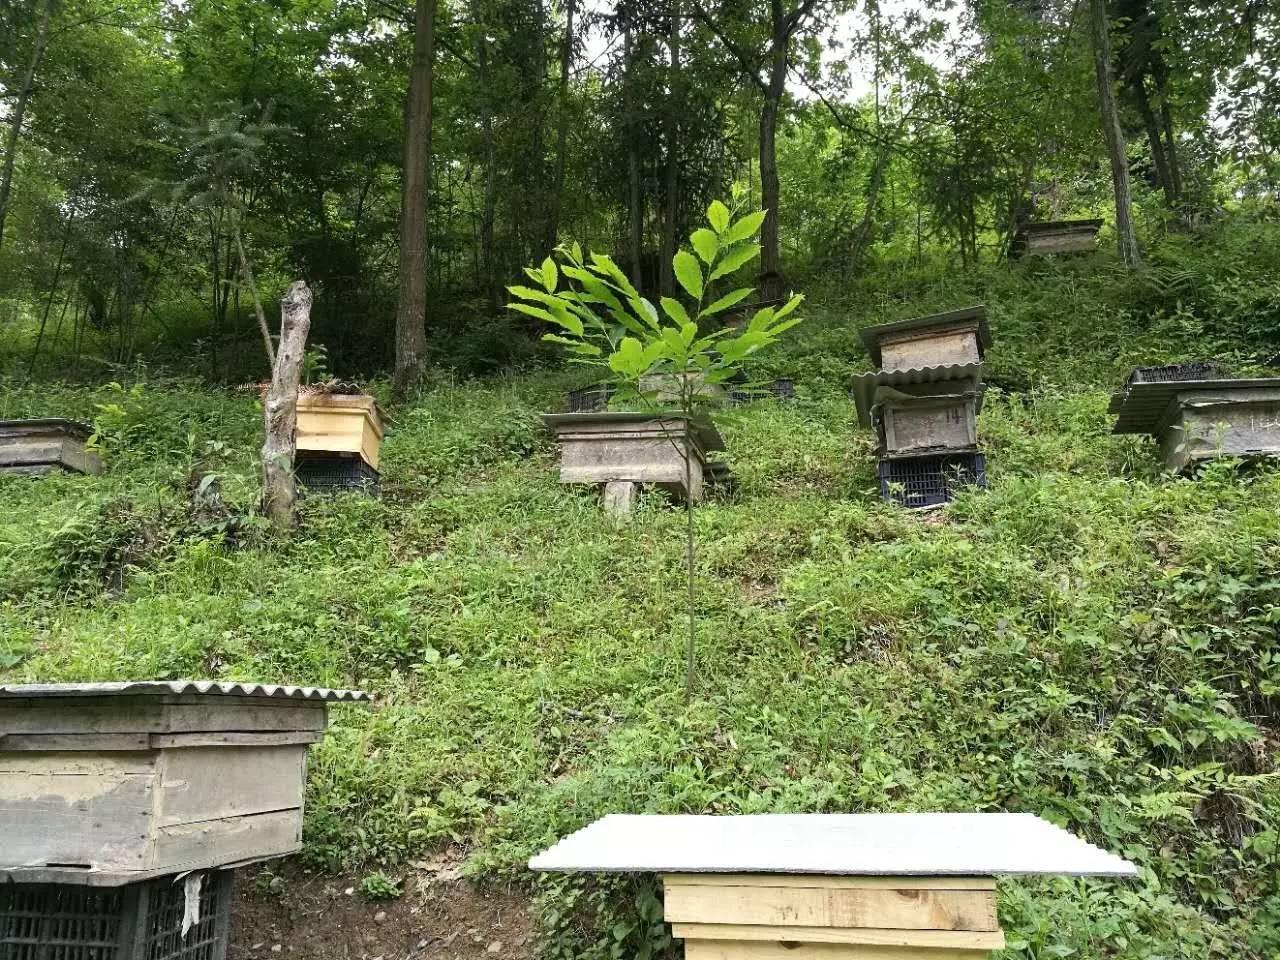 蜂蜜祛斑的小窍门 牛奶蜂蜜洗脸 蜂蜜可以加鸡蛋吗 蜂蜜好坏 同康健之源蜂蜜